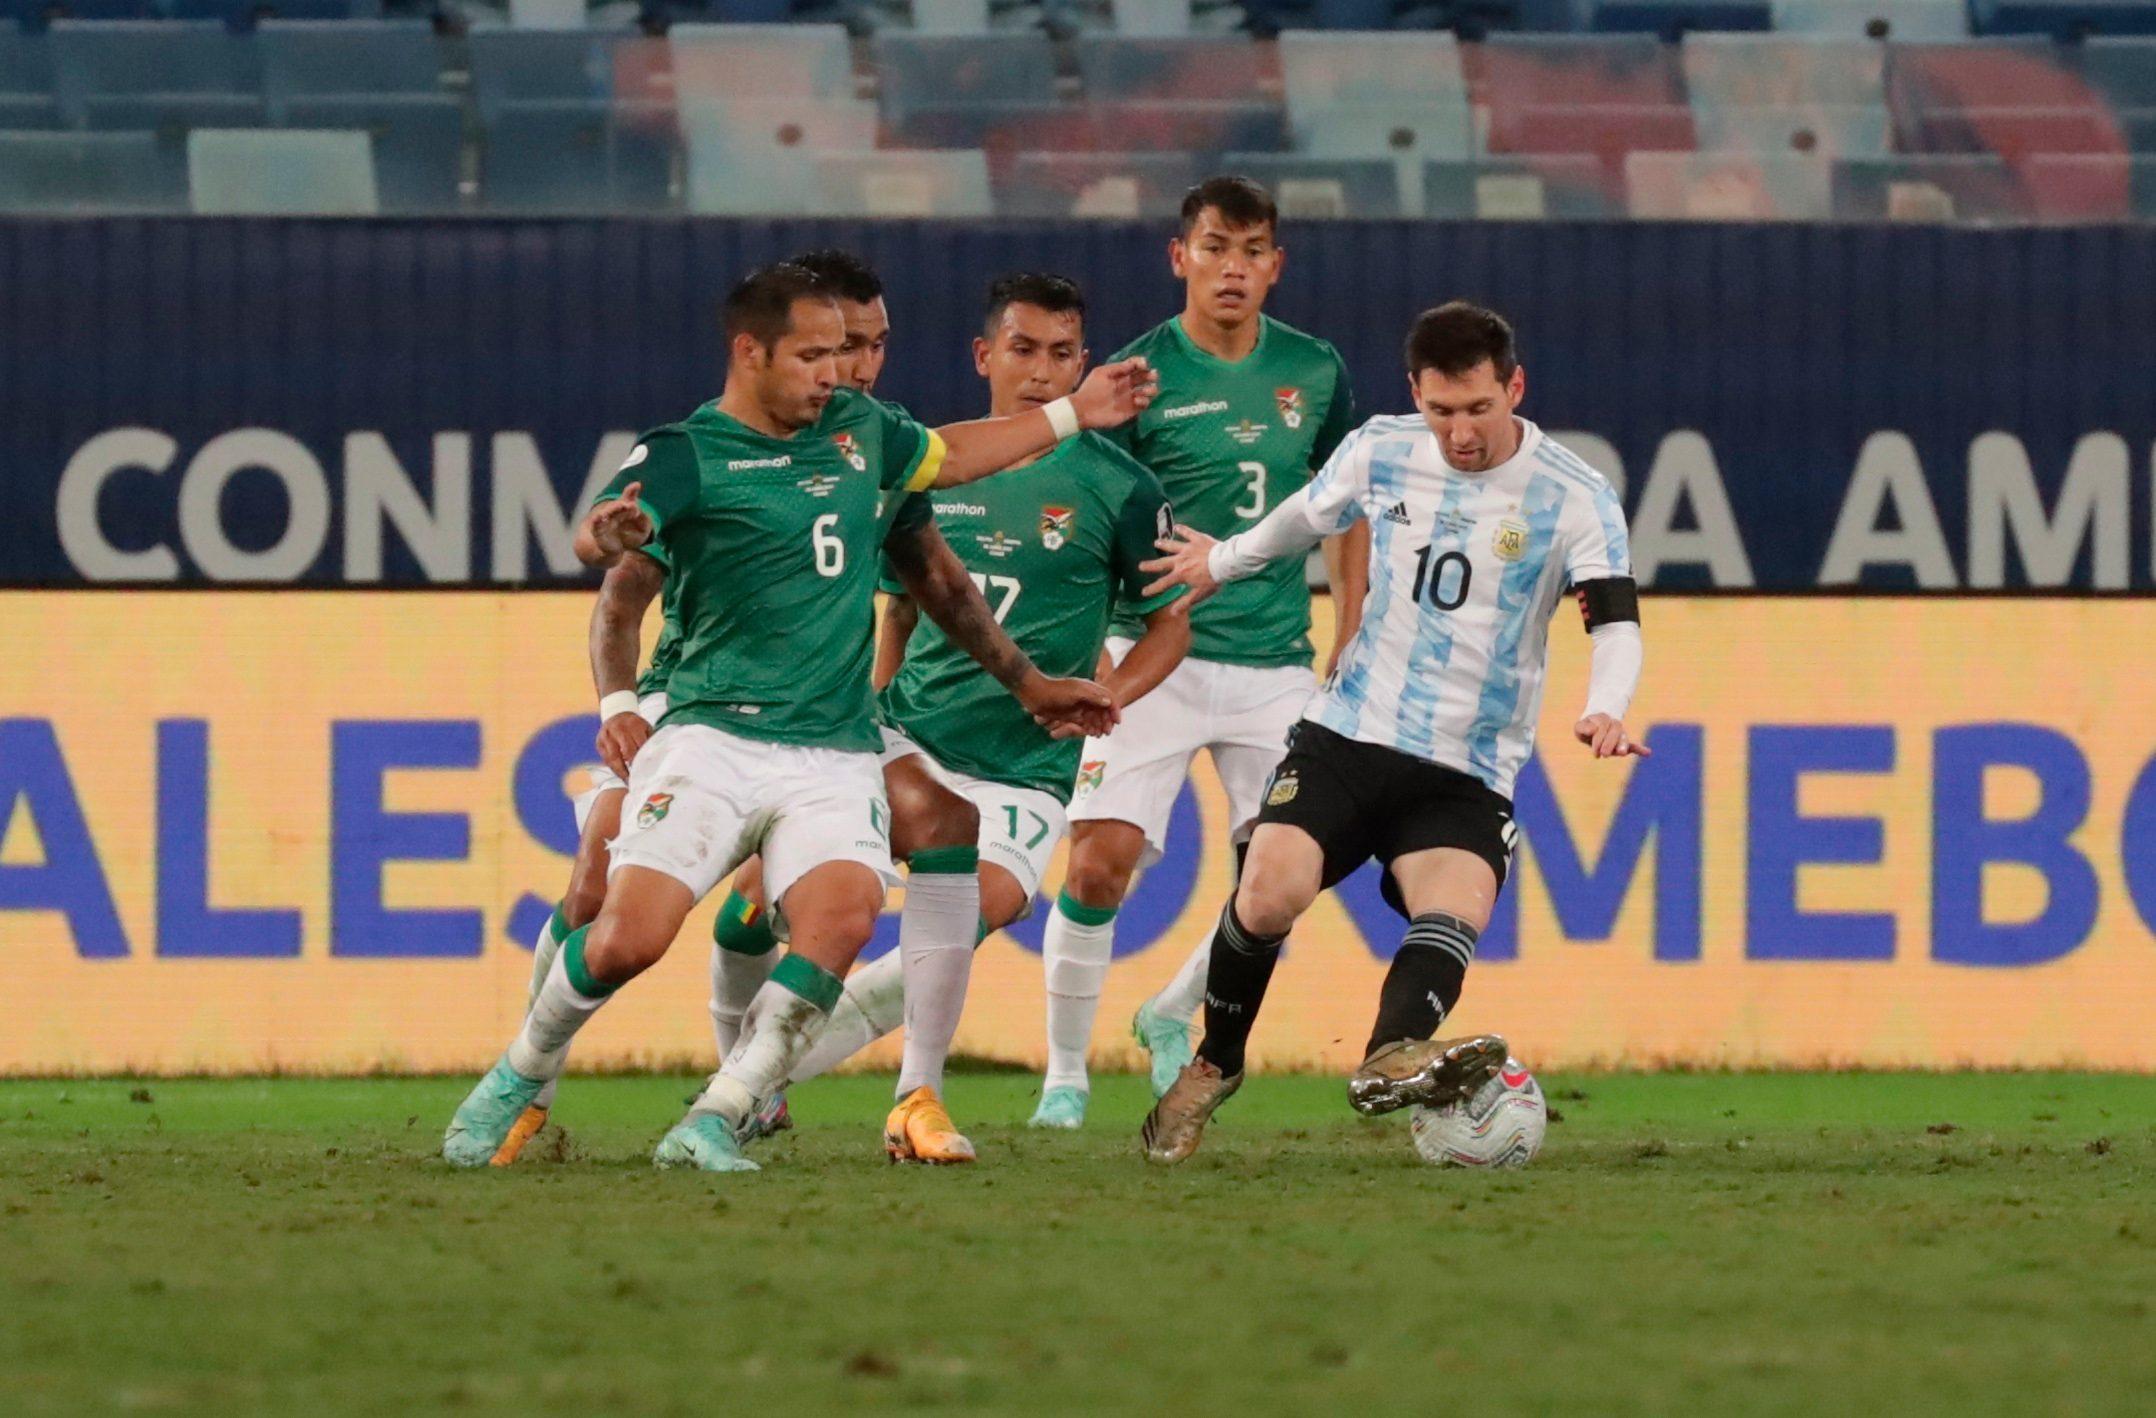 Convocan a Leo Messi para triple fecha Argentina y con ambición mundialista - Prensa Libre